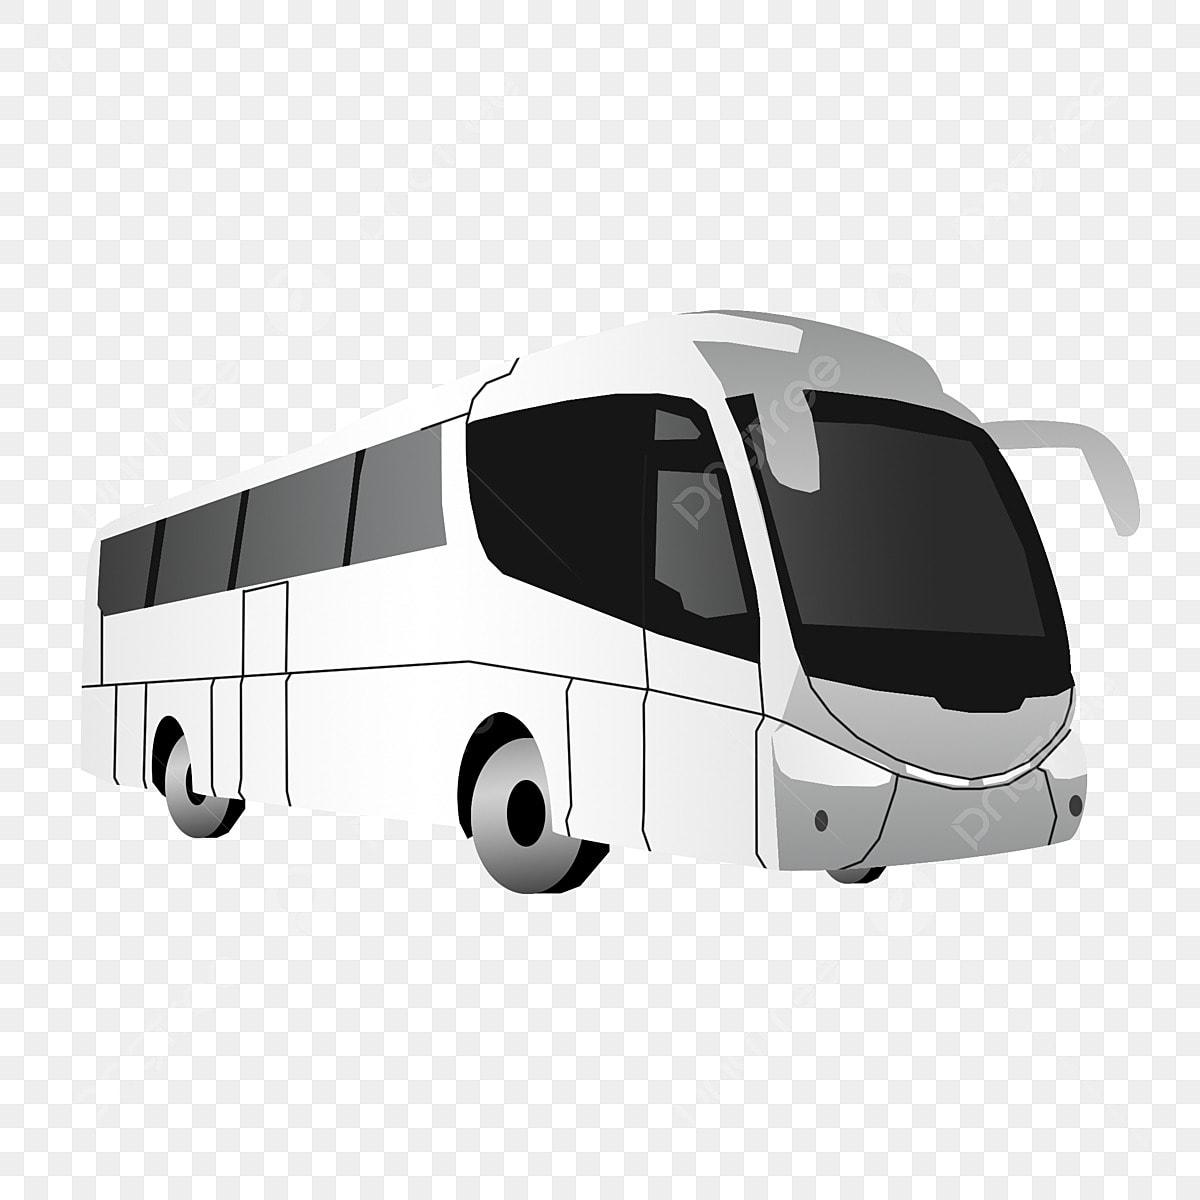 Gambar Kereta Yang Ditarik Tangan Ilustrasi Kereta Putih Yang Besar Bas Kartun Bas Putih Jurulatih Kereta Kereta Penumpang Png Dan Psd Untuk Muat Turun Percuma